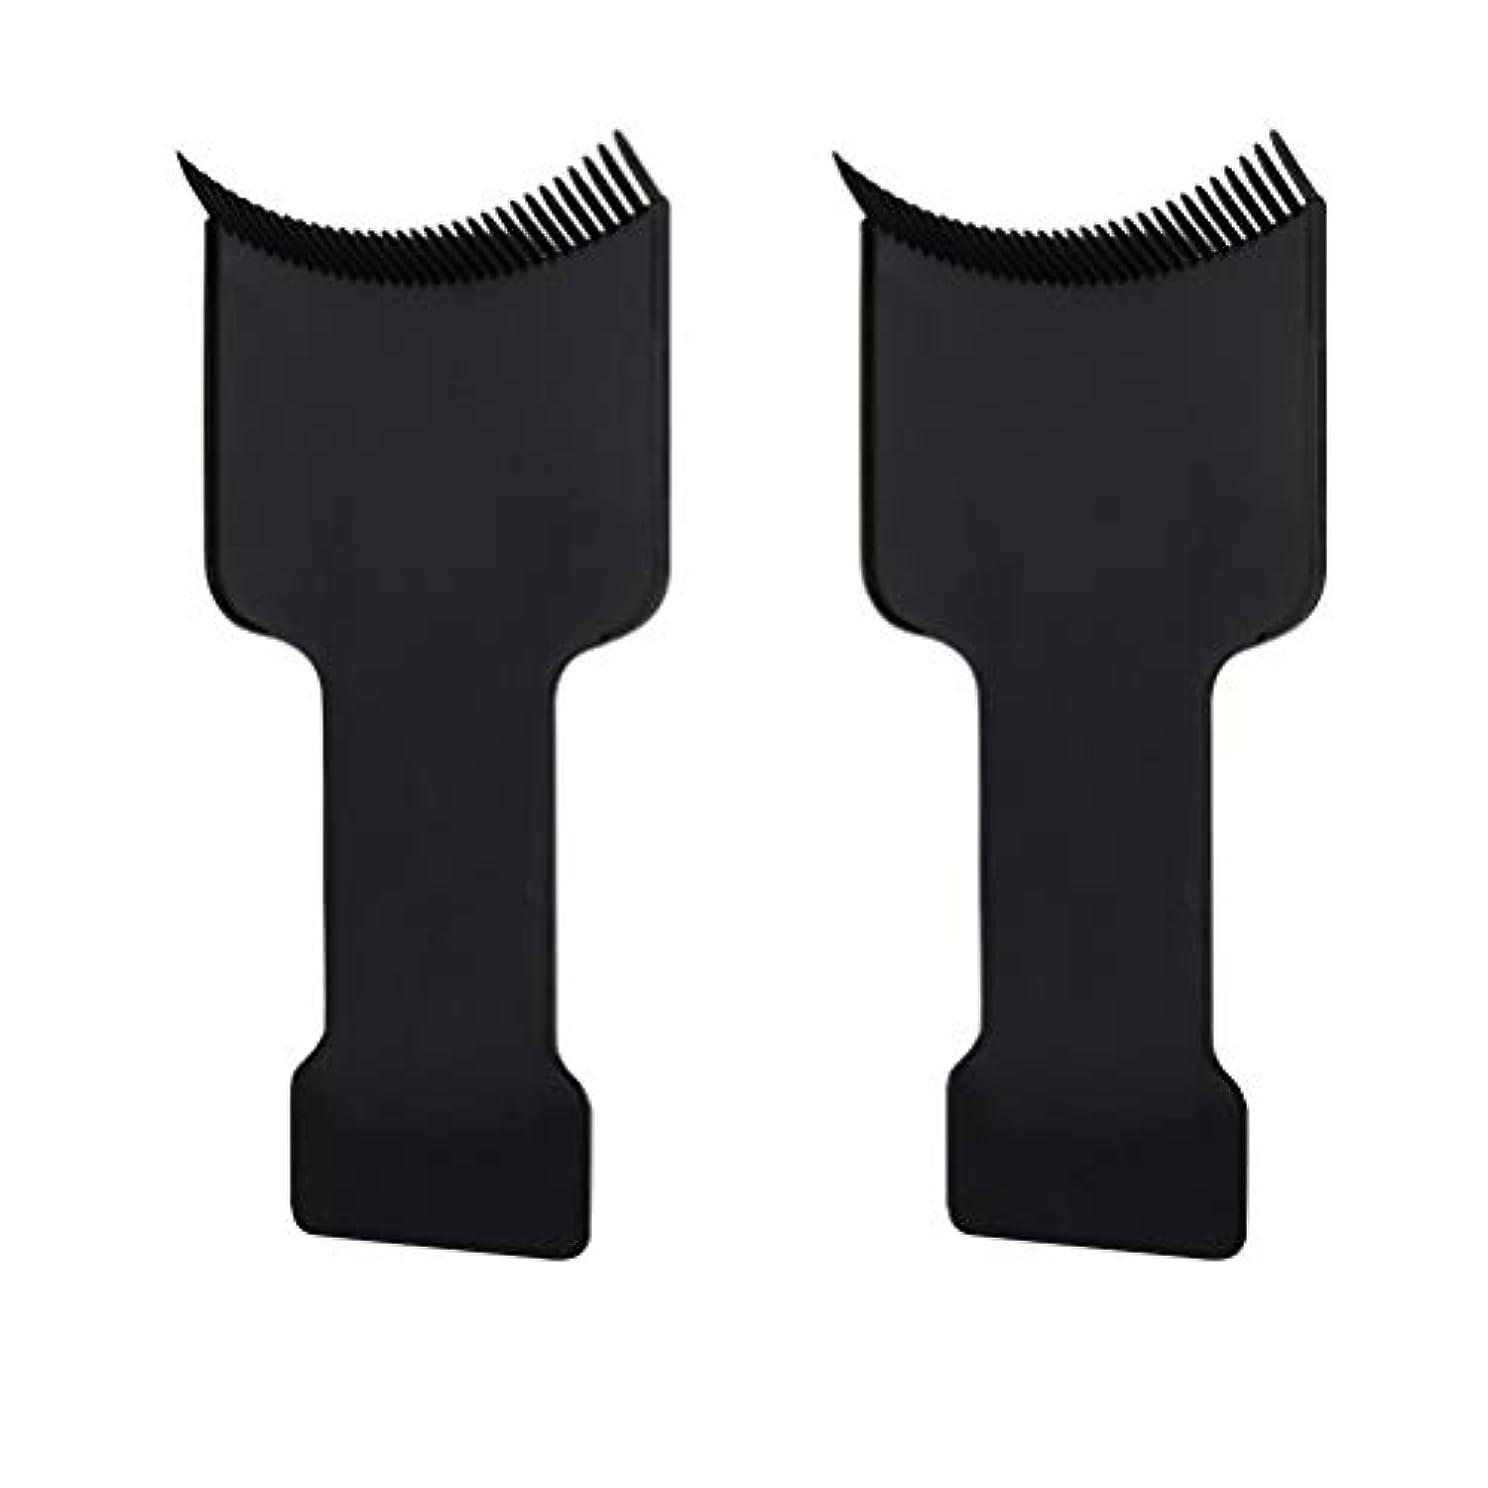 違反する感染する密接にHEALIFTY 2本入りヘアカラーコームブラシ付きロングボードティントヘアブラシツール用ヘアダイ理髪(Sサイズ)